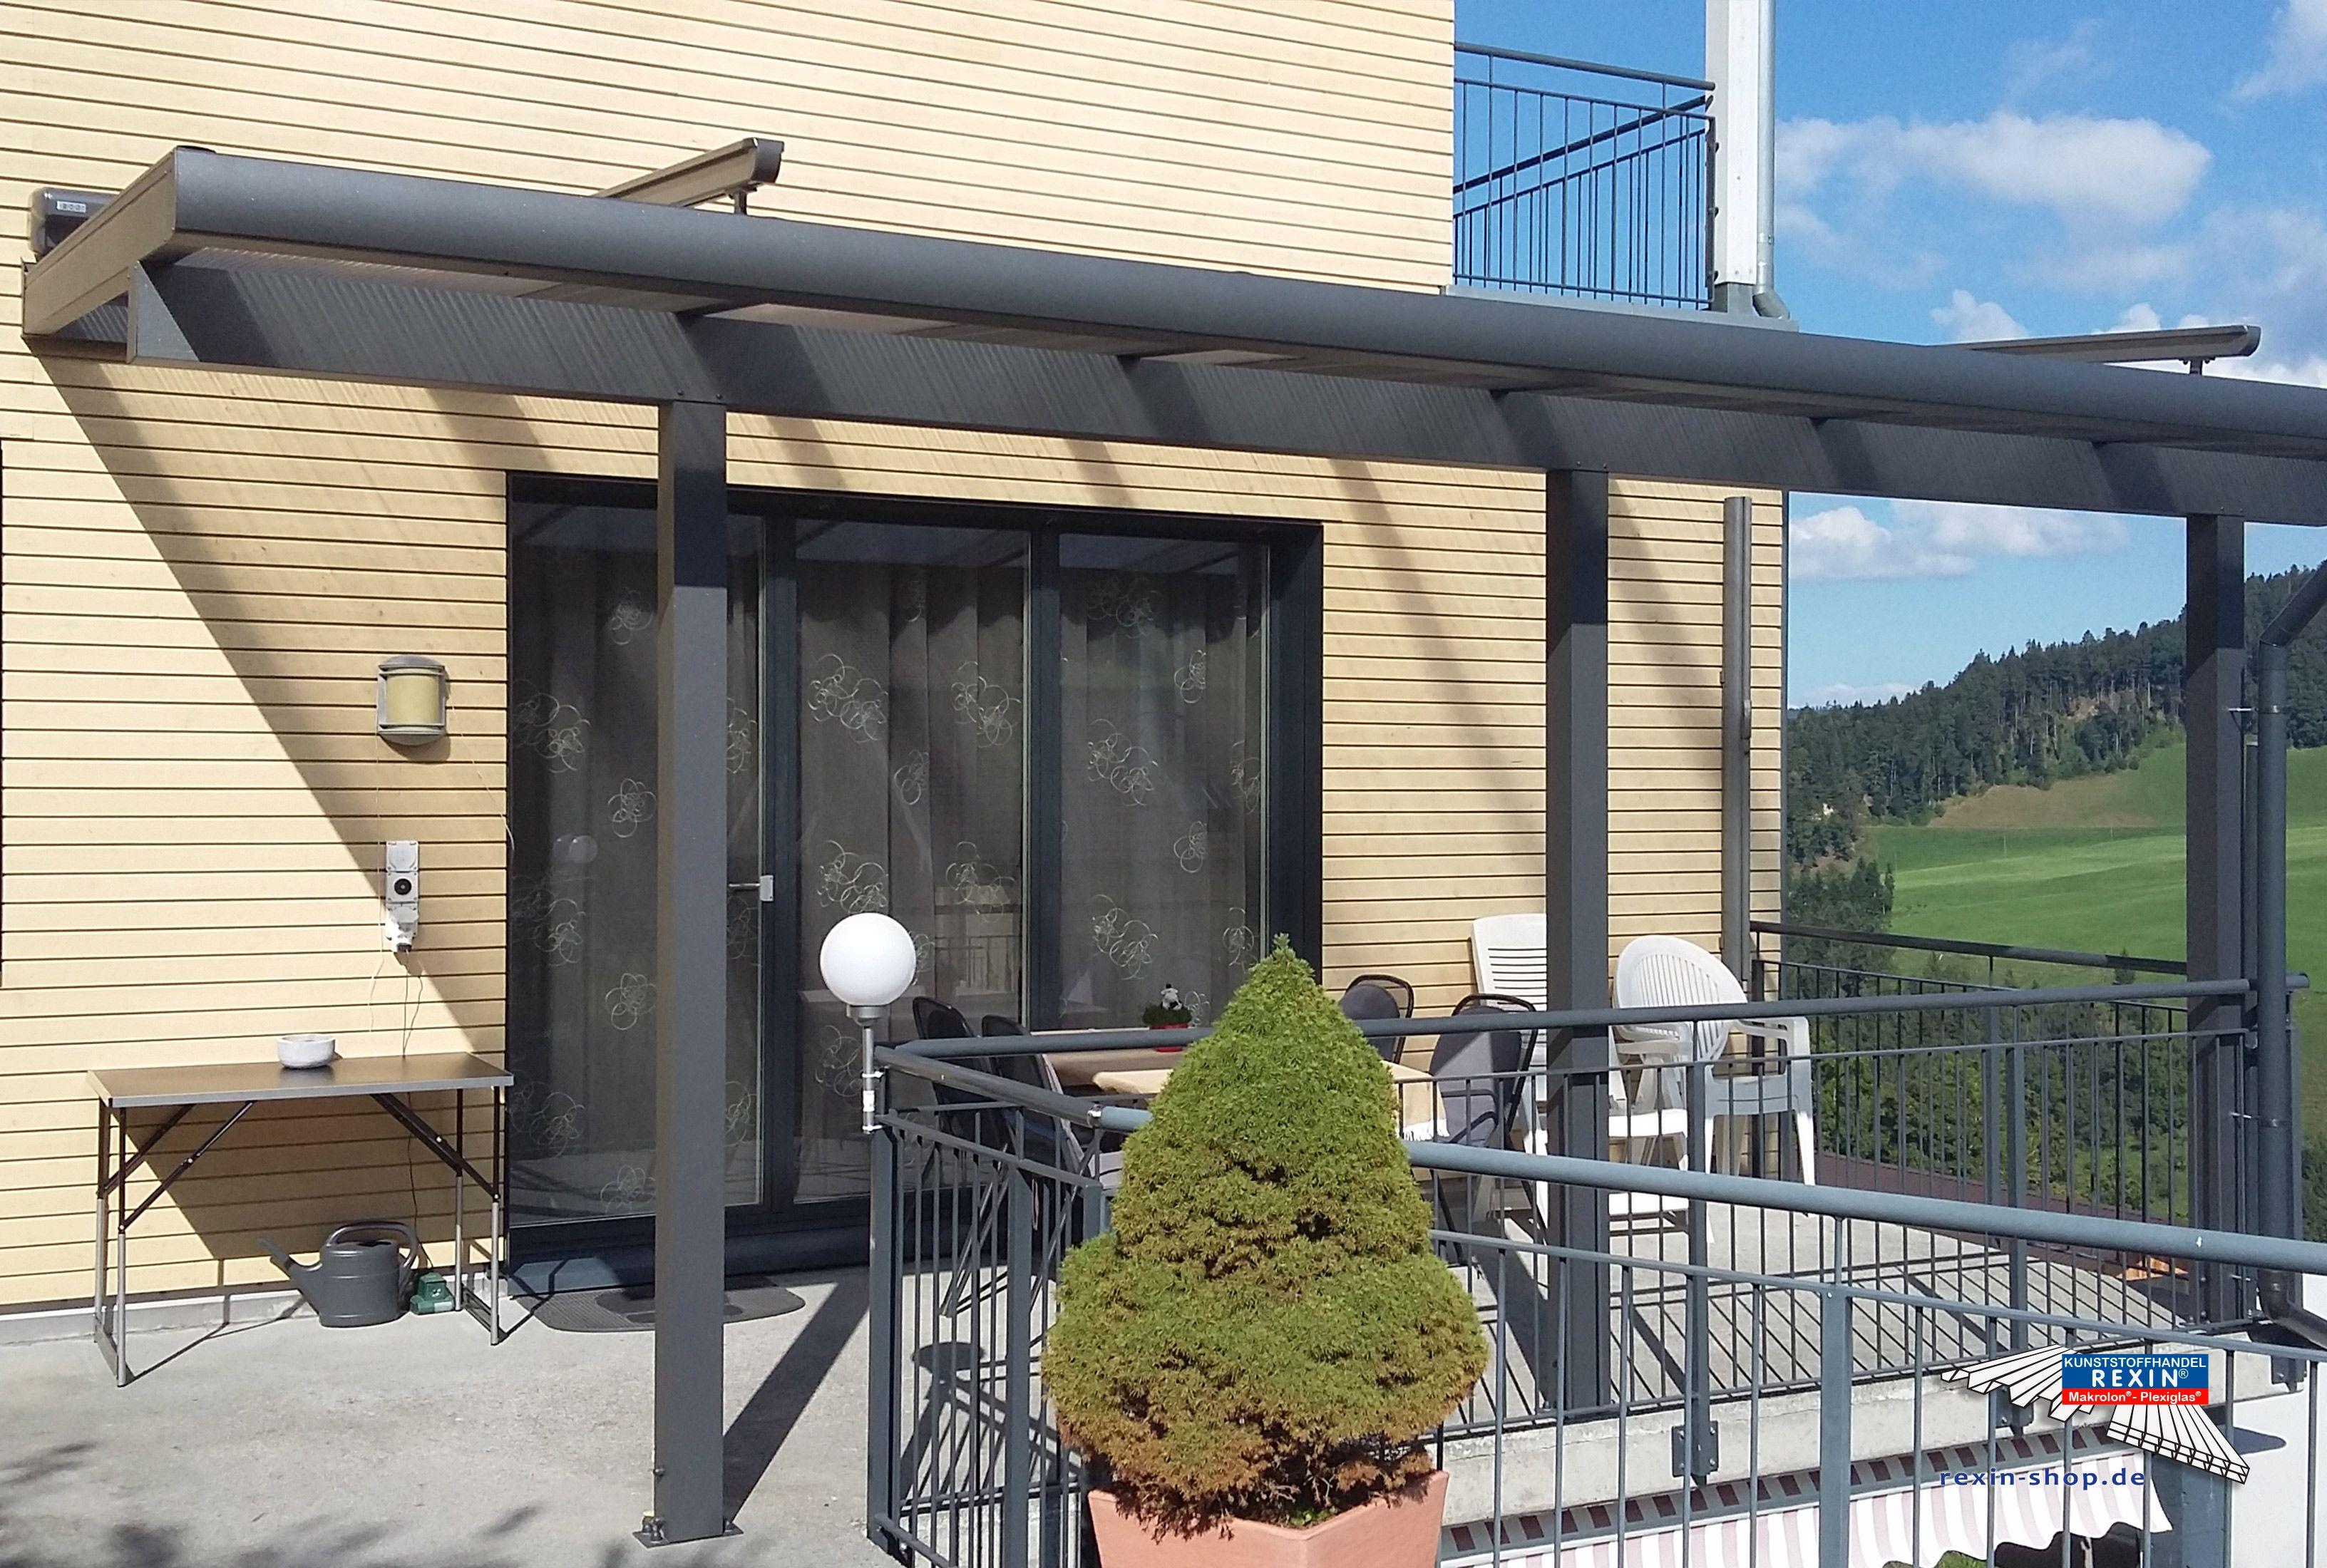 837f79514a7168743ce667dccb59e74d Inspiration Sichtschutz Balkon Einseitig Durchsichtig Schema